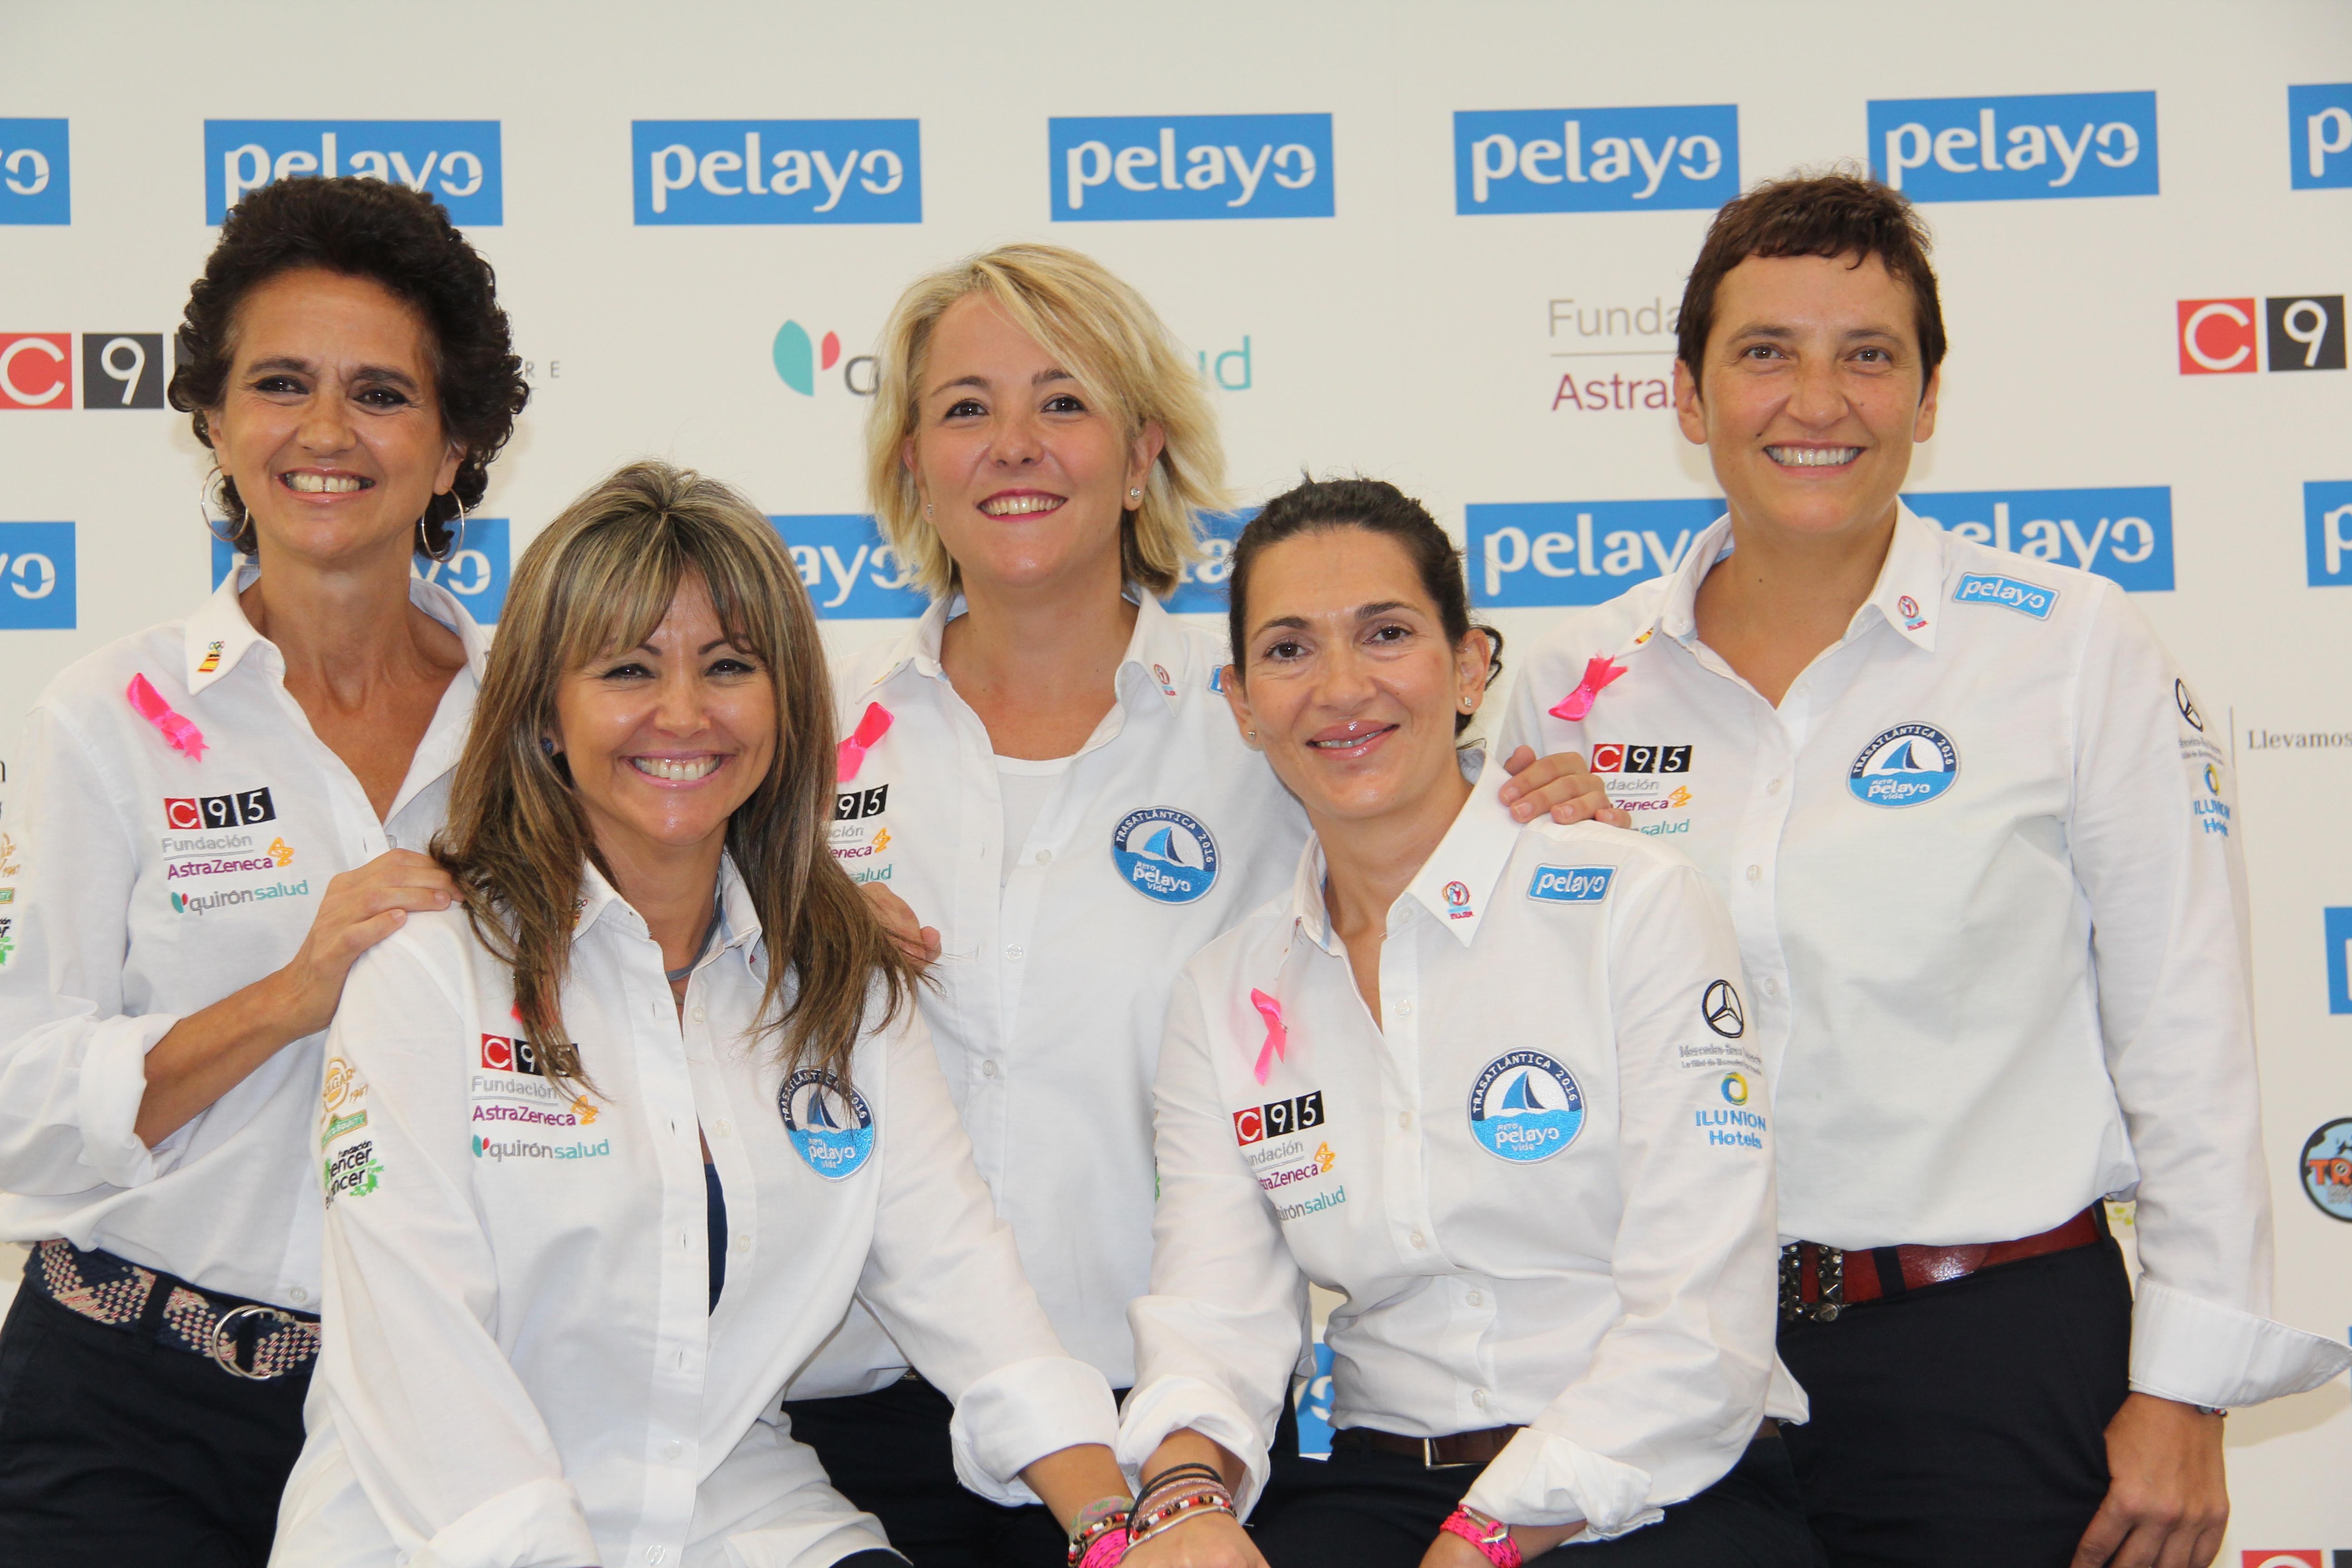 Marían, Yolanda, Patricia, Susana y Carmen